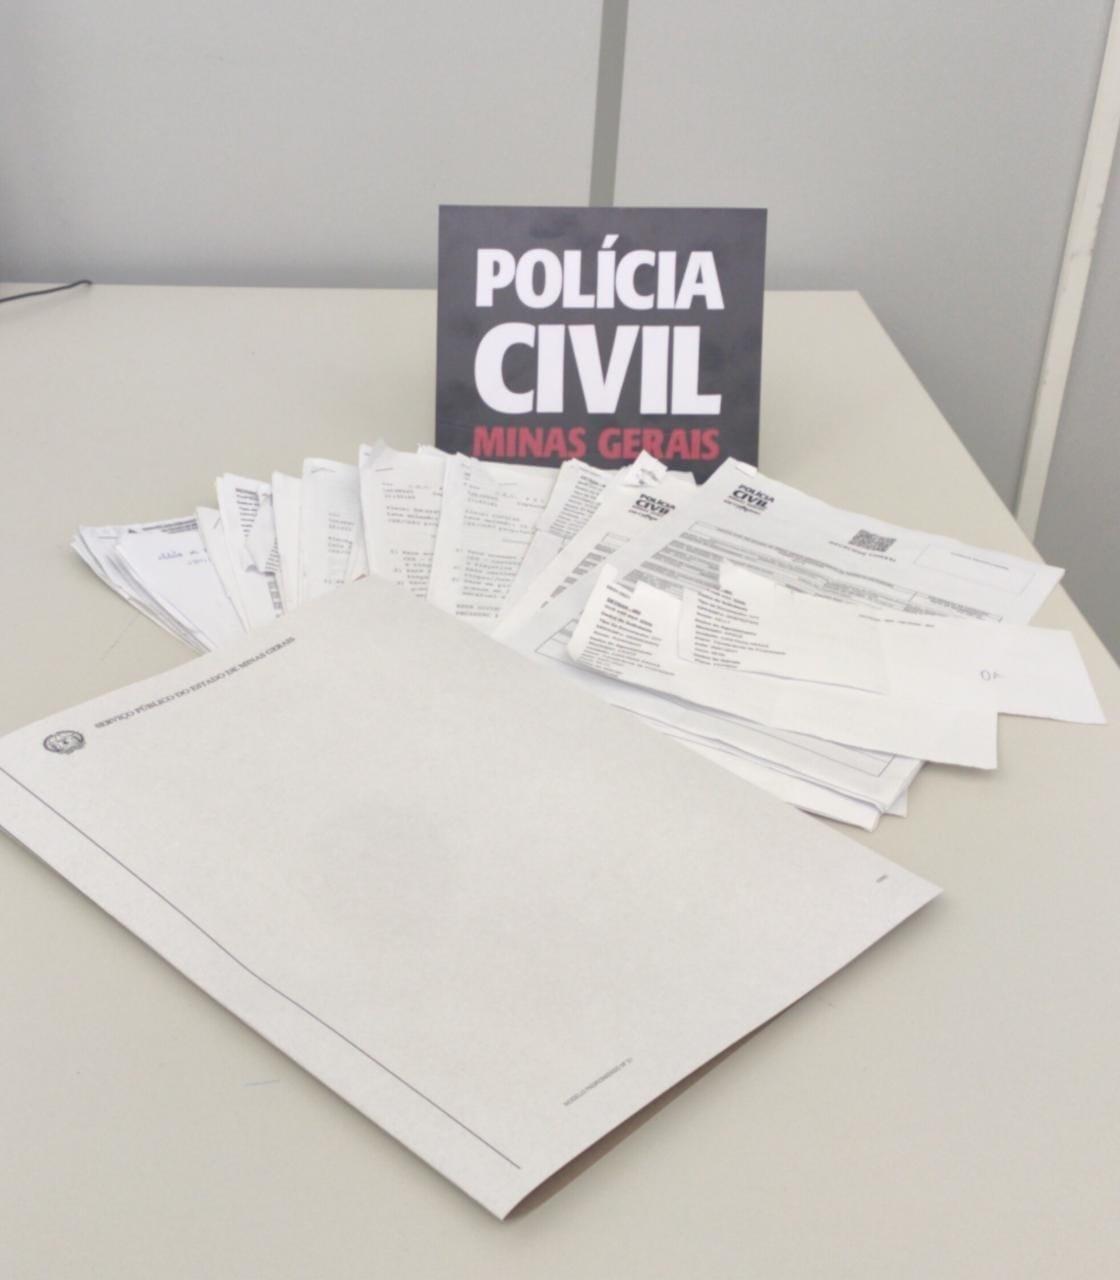 Despachante é investigado por falsidade ideológica e estelionato em Araxá - Foto: Divulgação/PCMG